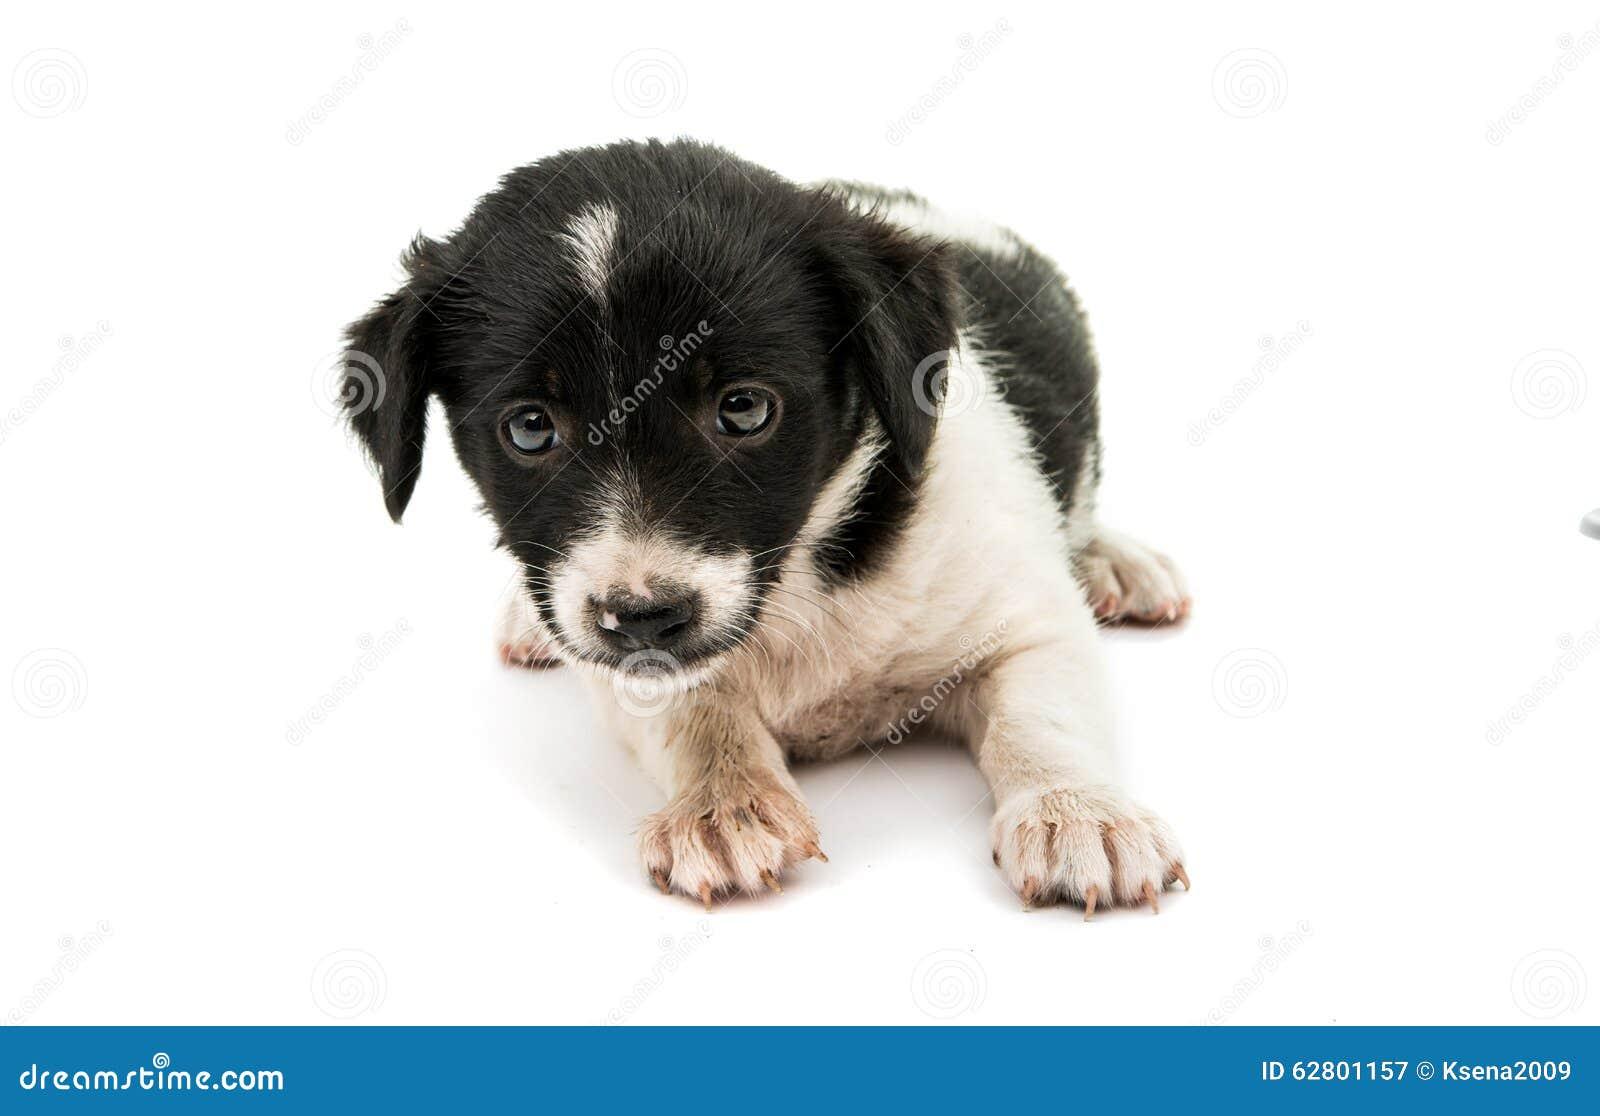 black and white dog stock photo image 62801157 schnauzer clipart free schnauzer clipart image